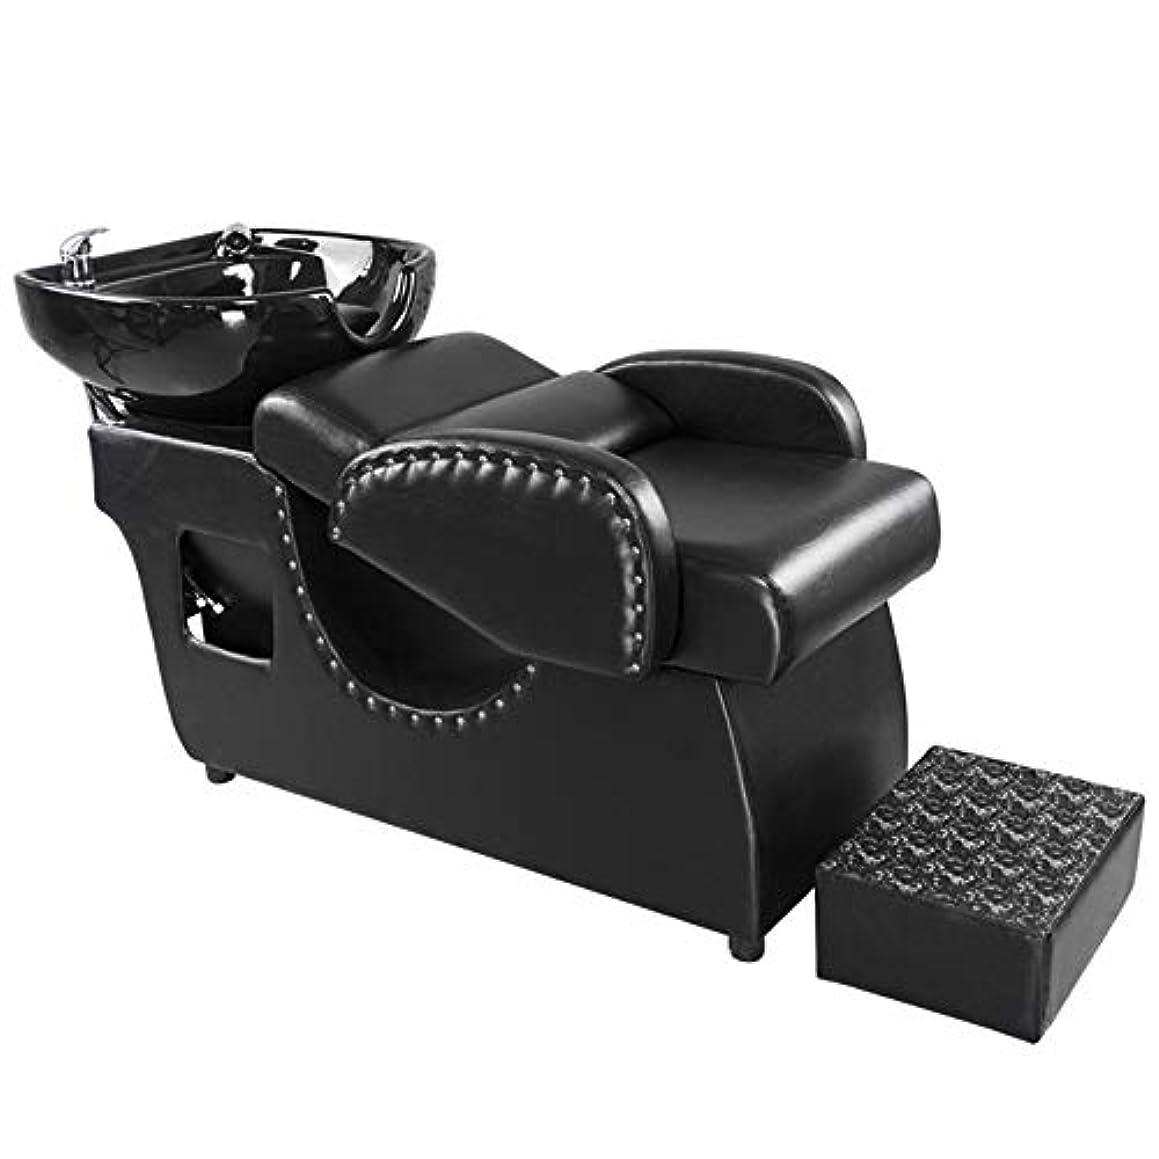 窒息させる手を差し伸べるボイコットシャンプーの理髪師の逆洗の椅子、鉱泉の美容院のためのベッドを洗う陶磁器の洗面器の流しの流しの椅子